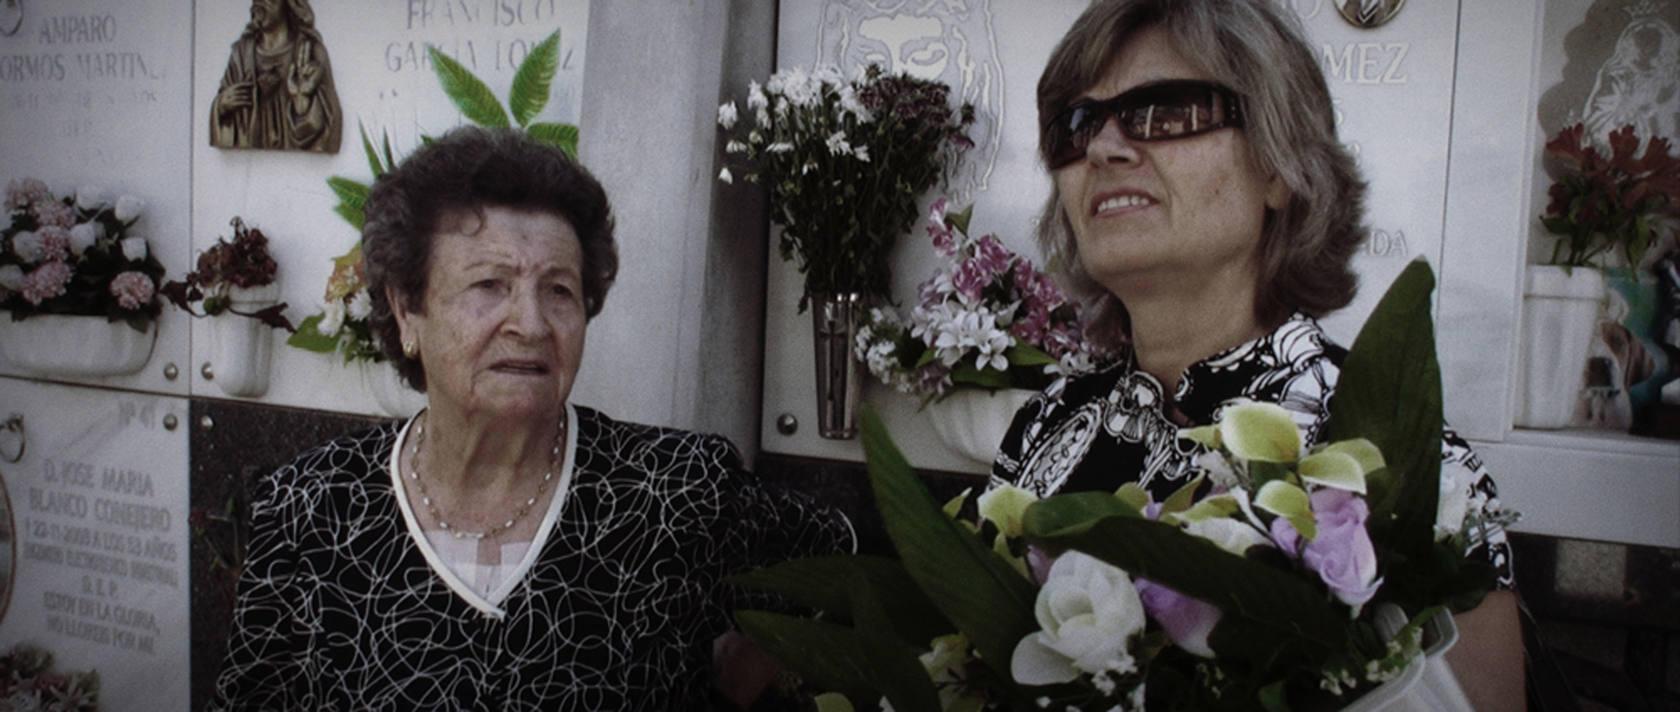 Los seis largometrajes que competirán en la sección oficial del Festival de Cine de Alicante